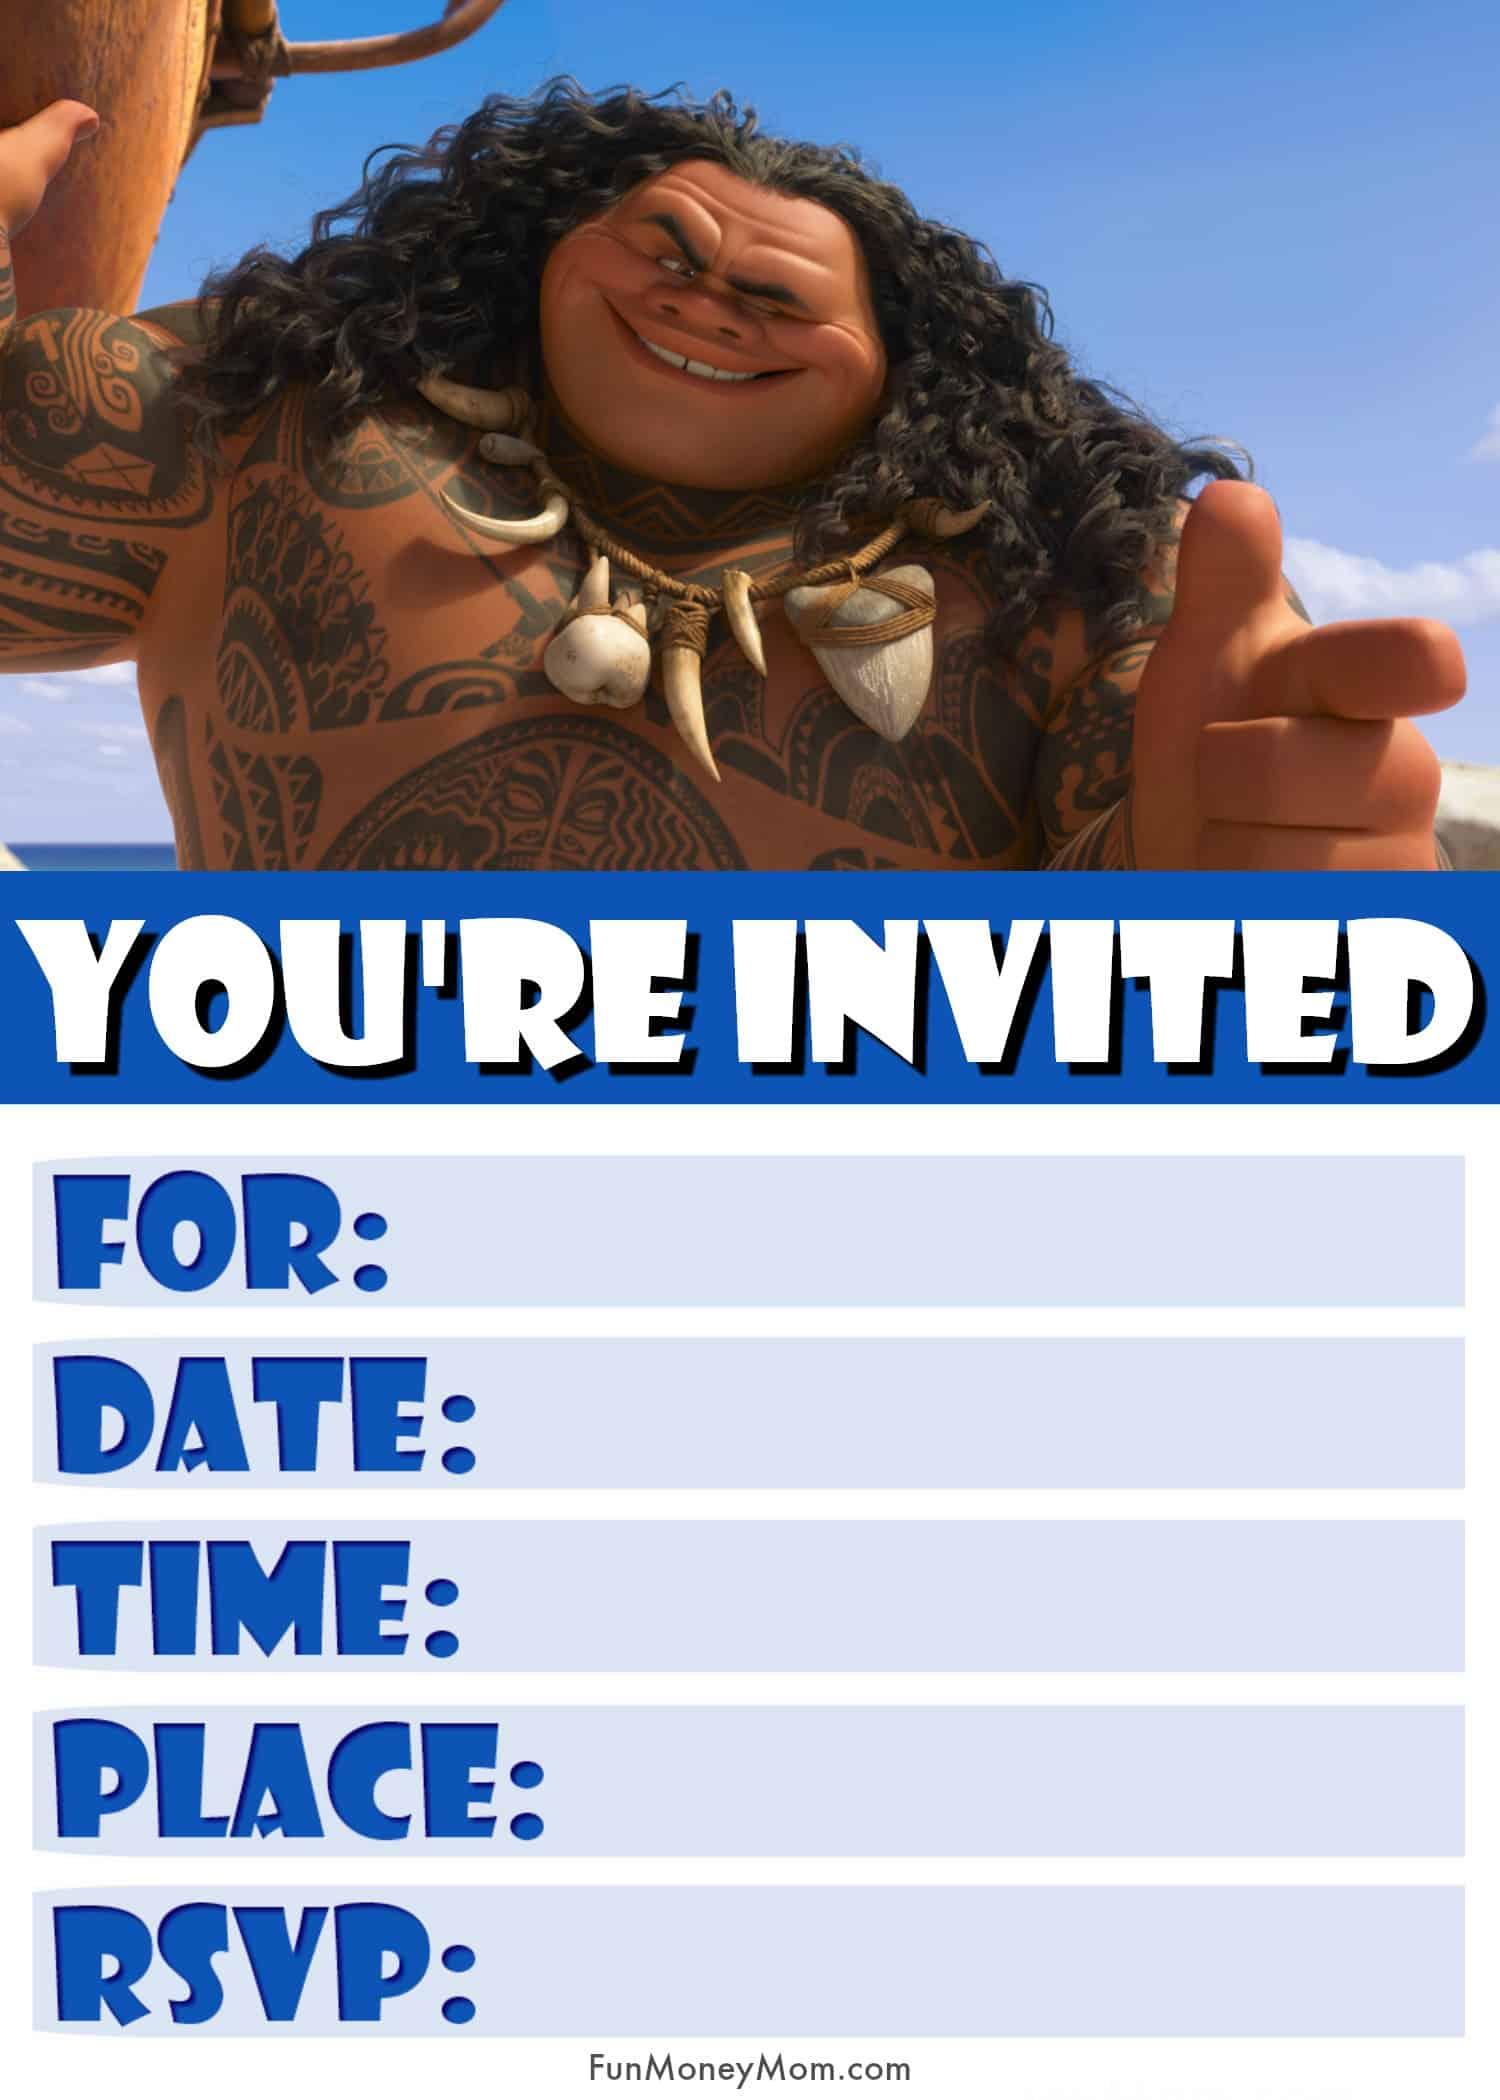 Moana Invitation Maui Jpg